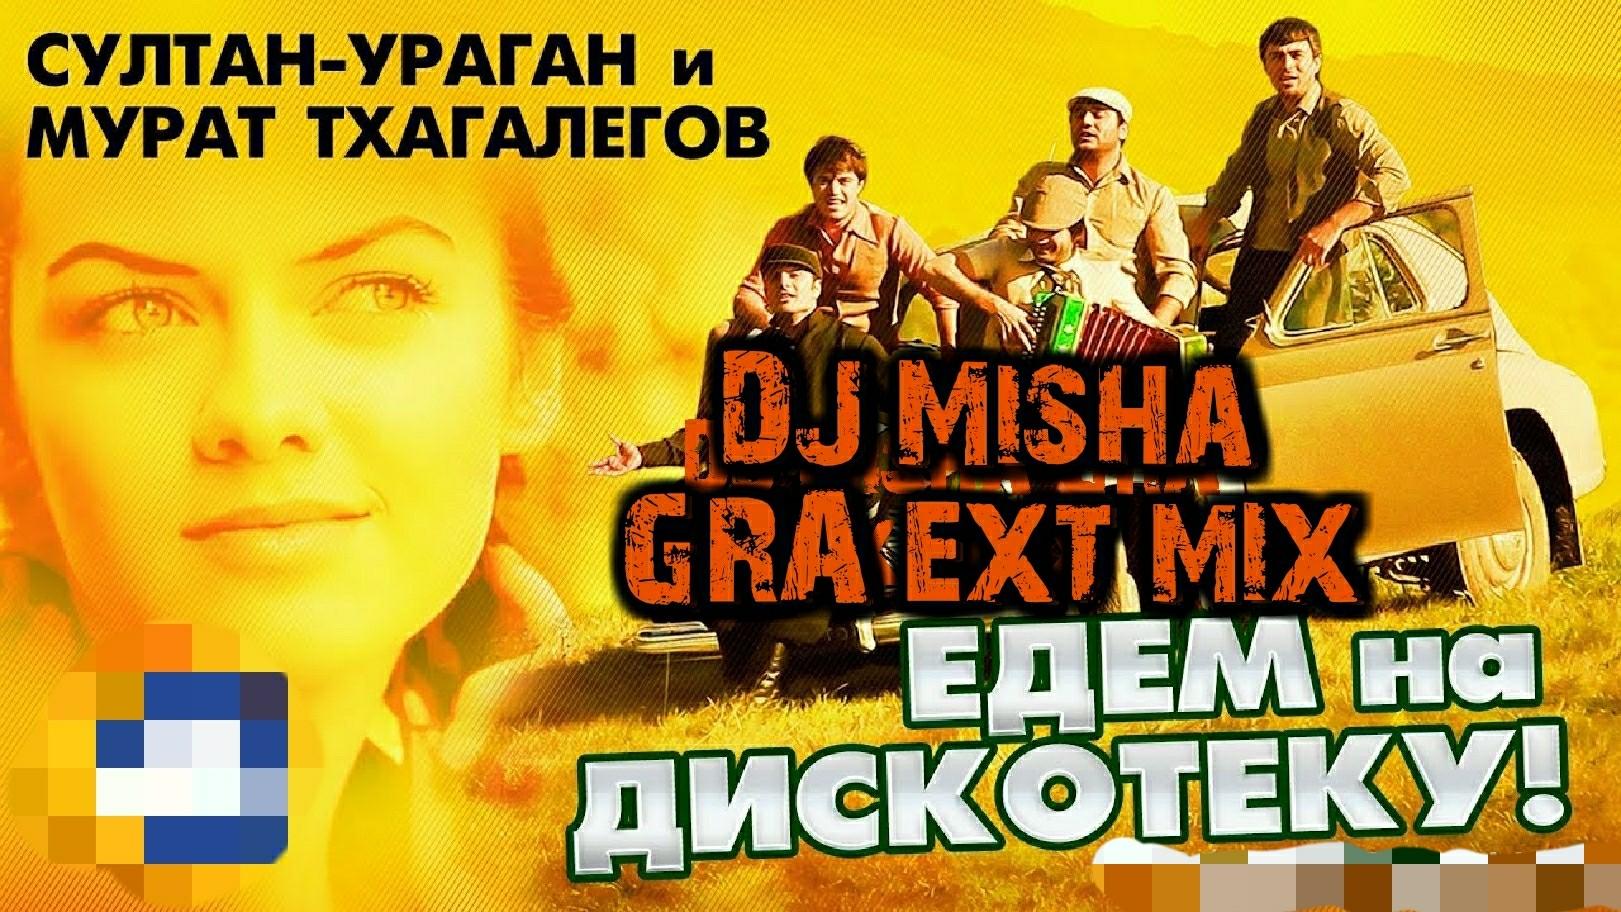 Мурат Тхагалегов - На дискотеку (DJ Misha GRA ext mix)